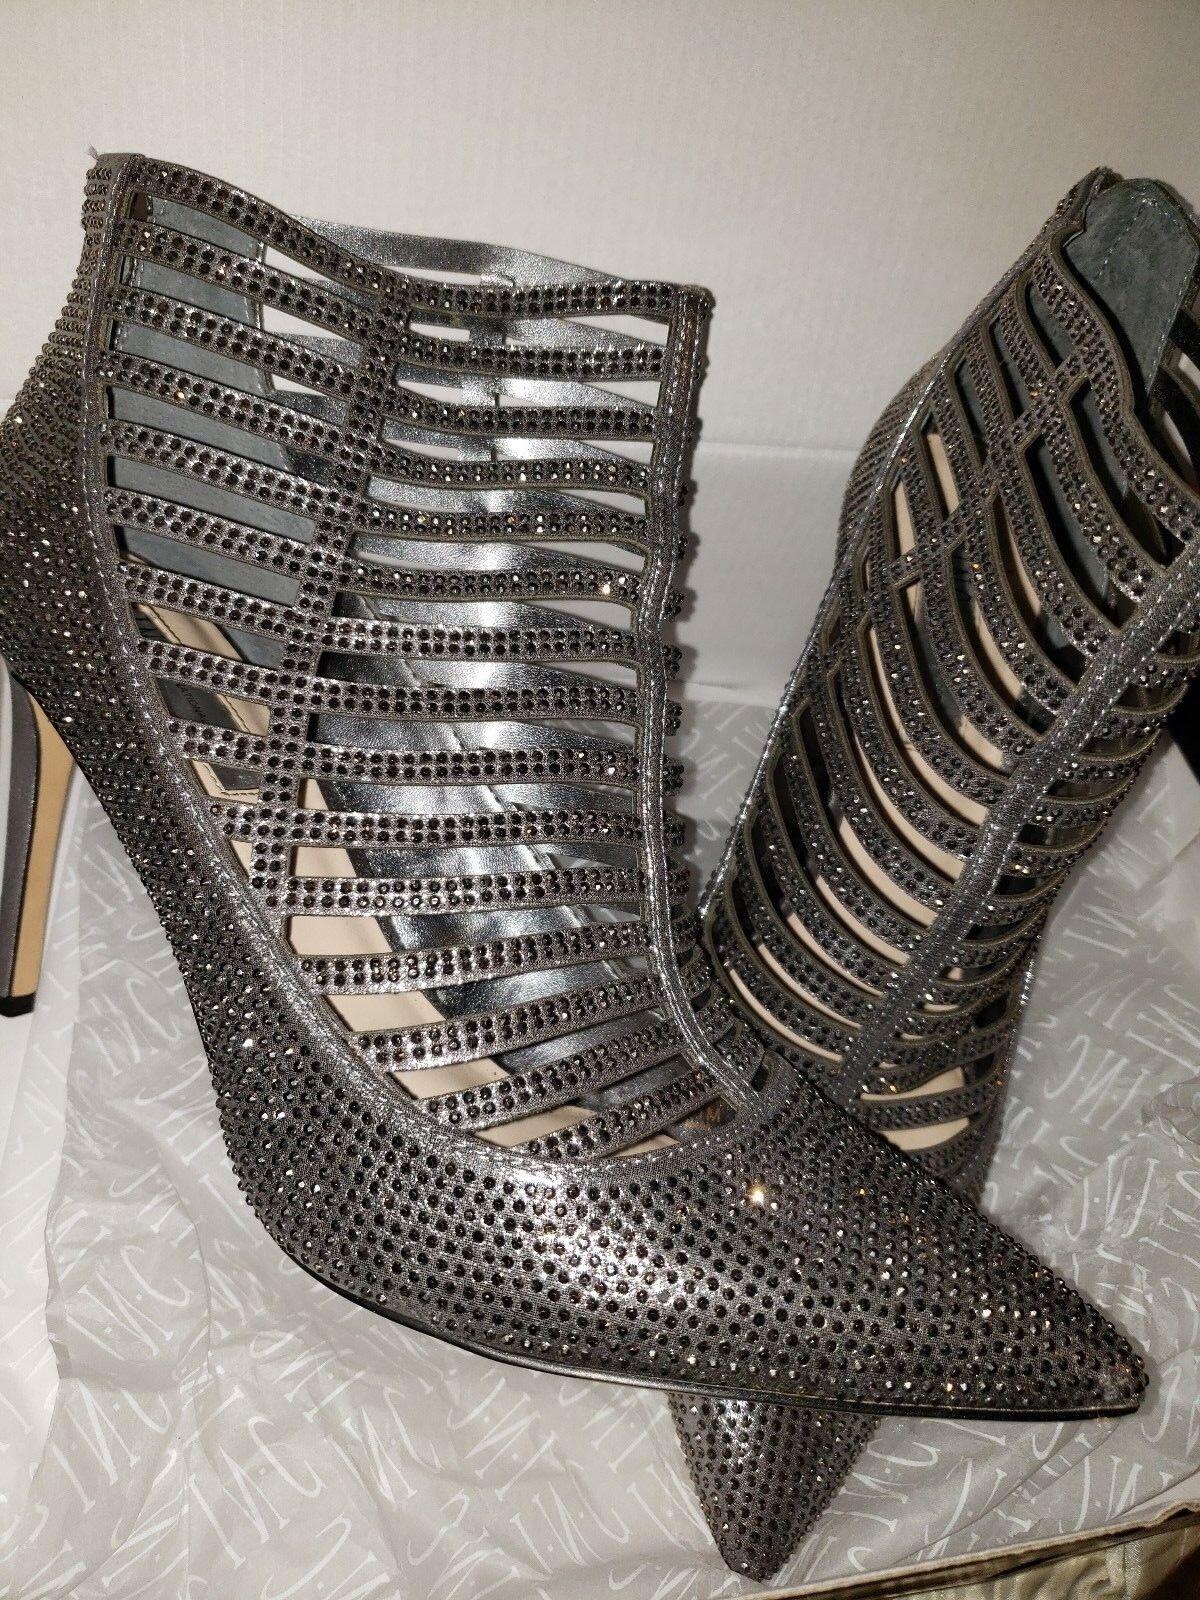 Incluido International Concept Botines Botines Botines 11M botas al Tobillo Zapatos Peltre  Ultra Destellos   ventas en linea